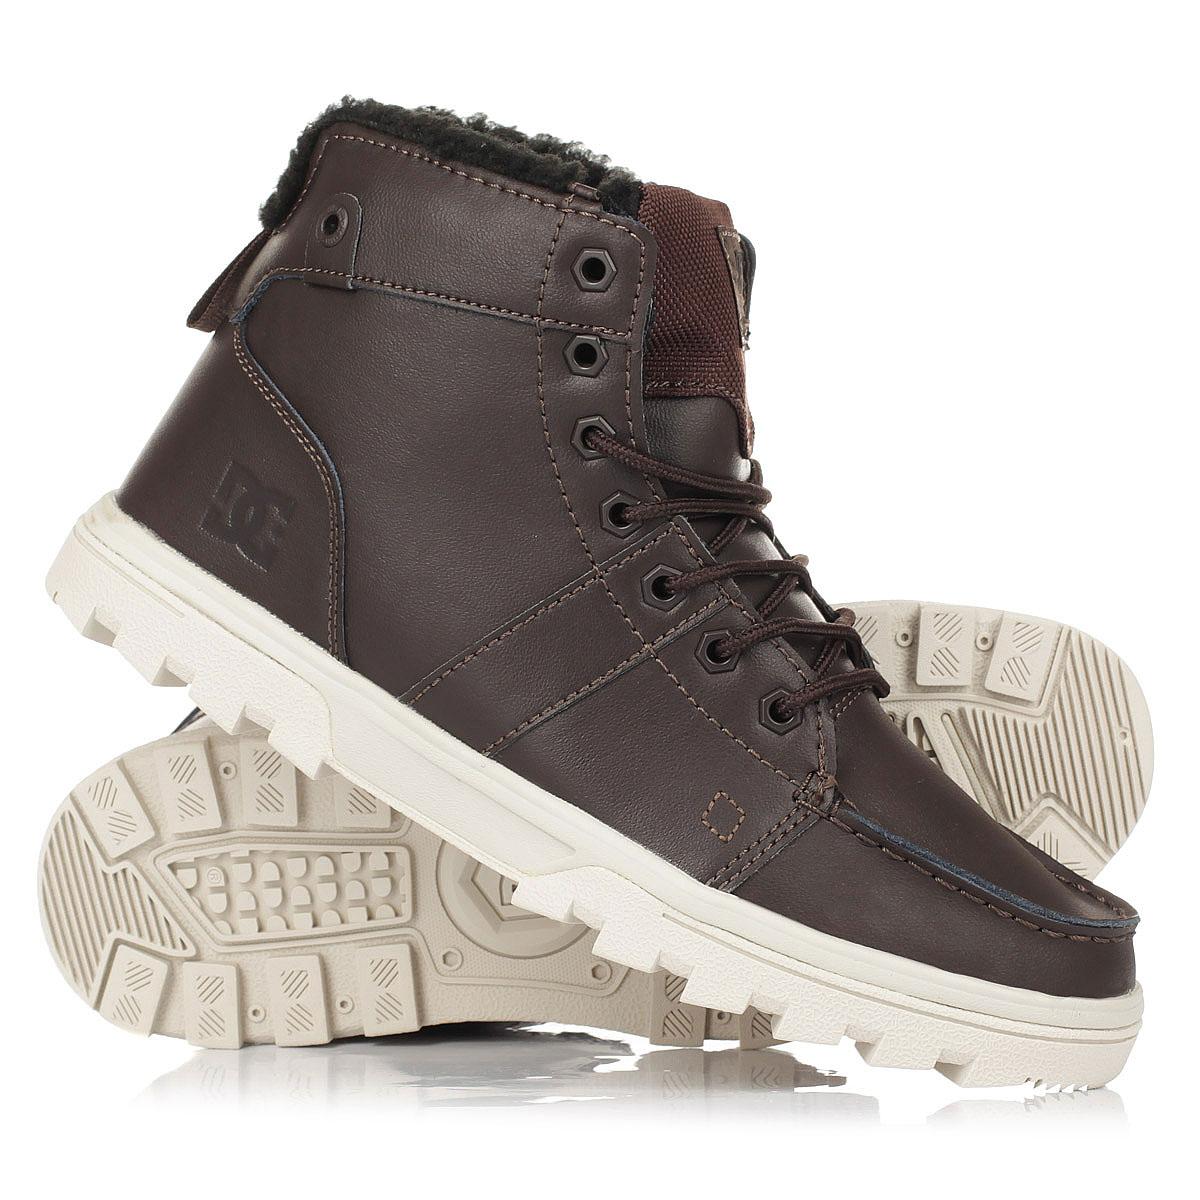 c9a9c0a3c3e9 Ботинки мужские - купить в интернет-магазине Проскейтер